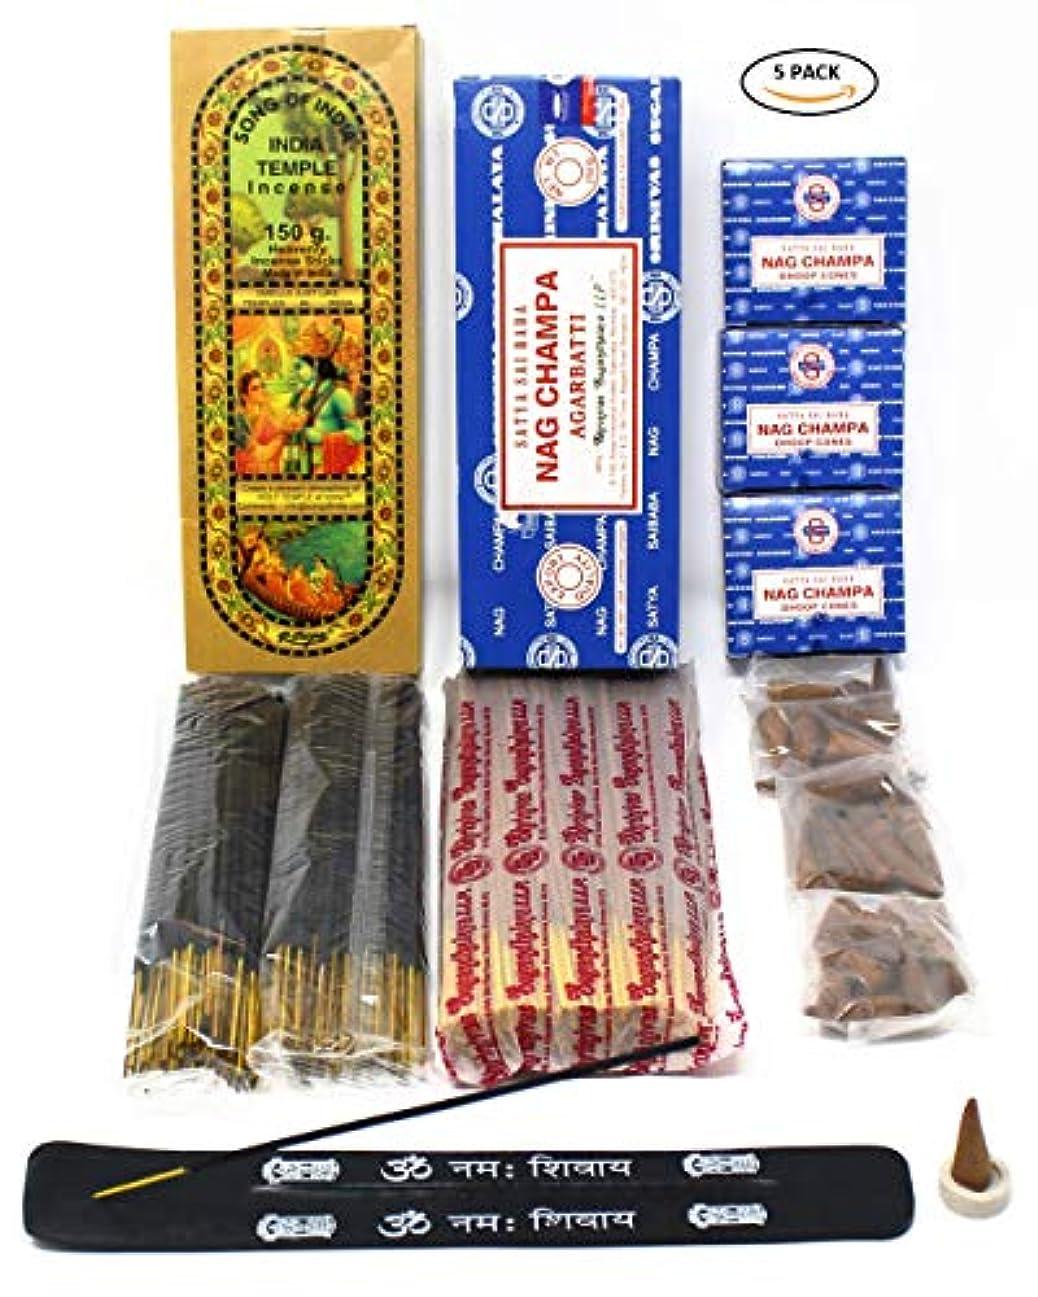 哀れな首尾一貫したキリストSatya Sai Nag Champa 250gm インド寺院120gm コーン3個 香炉1個